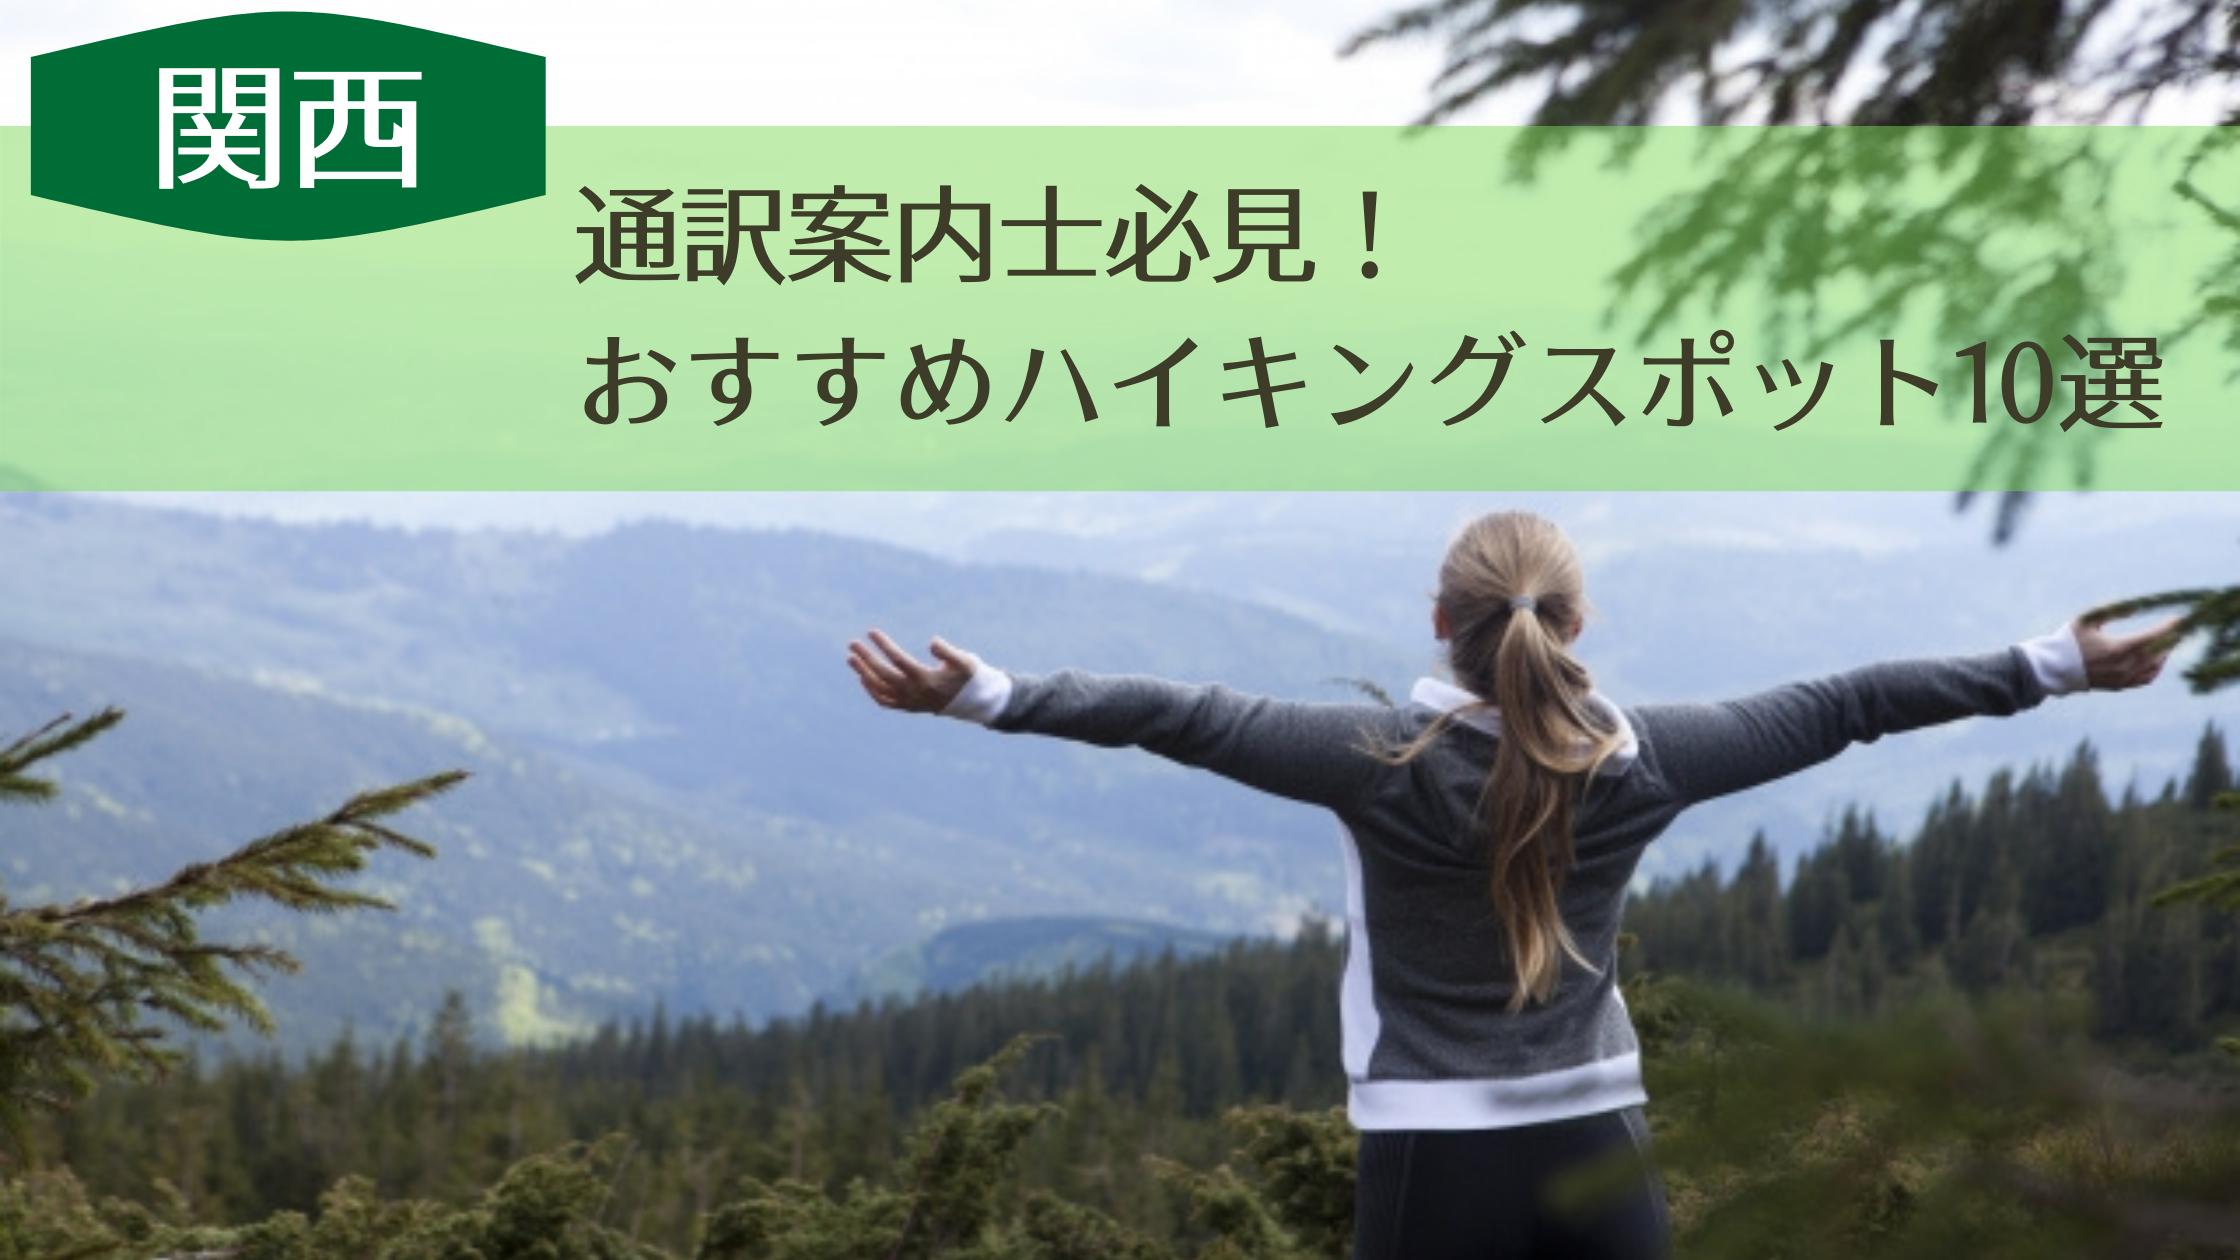 【関西】通訳案内士必見!おすすめハイキングスポット10選